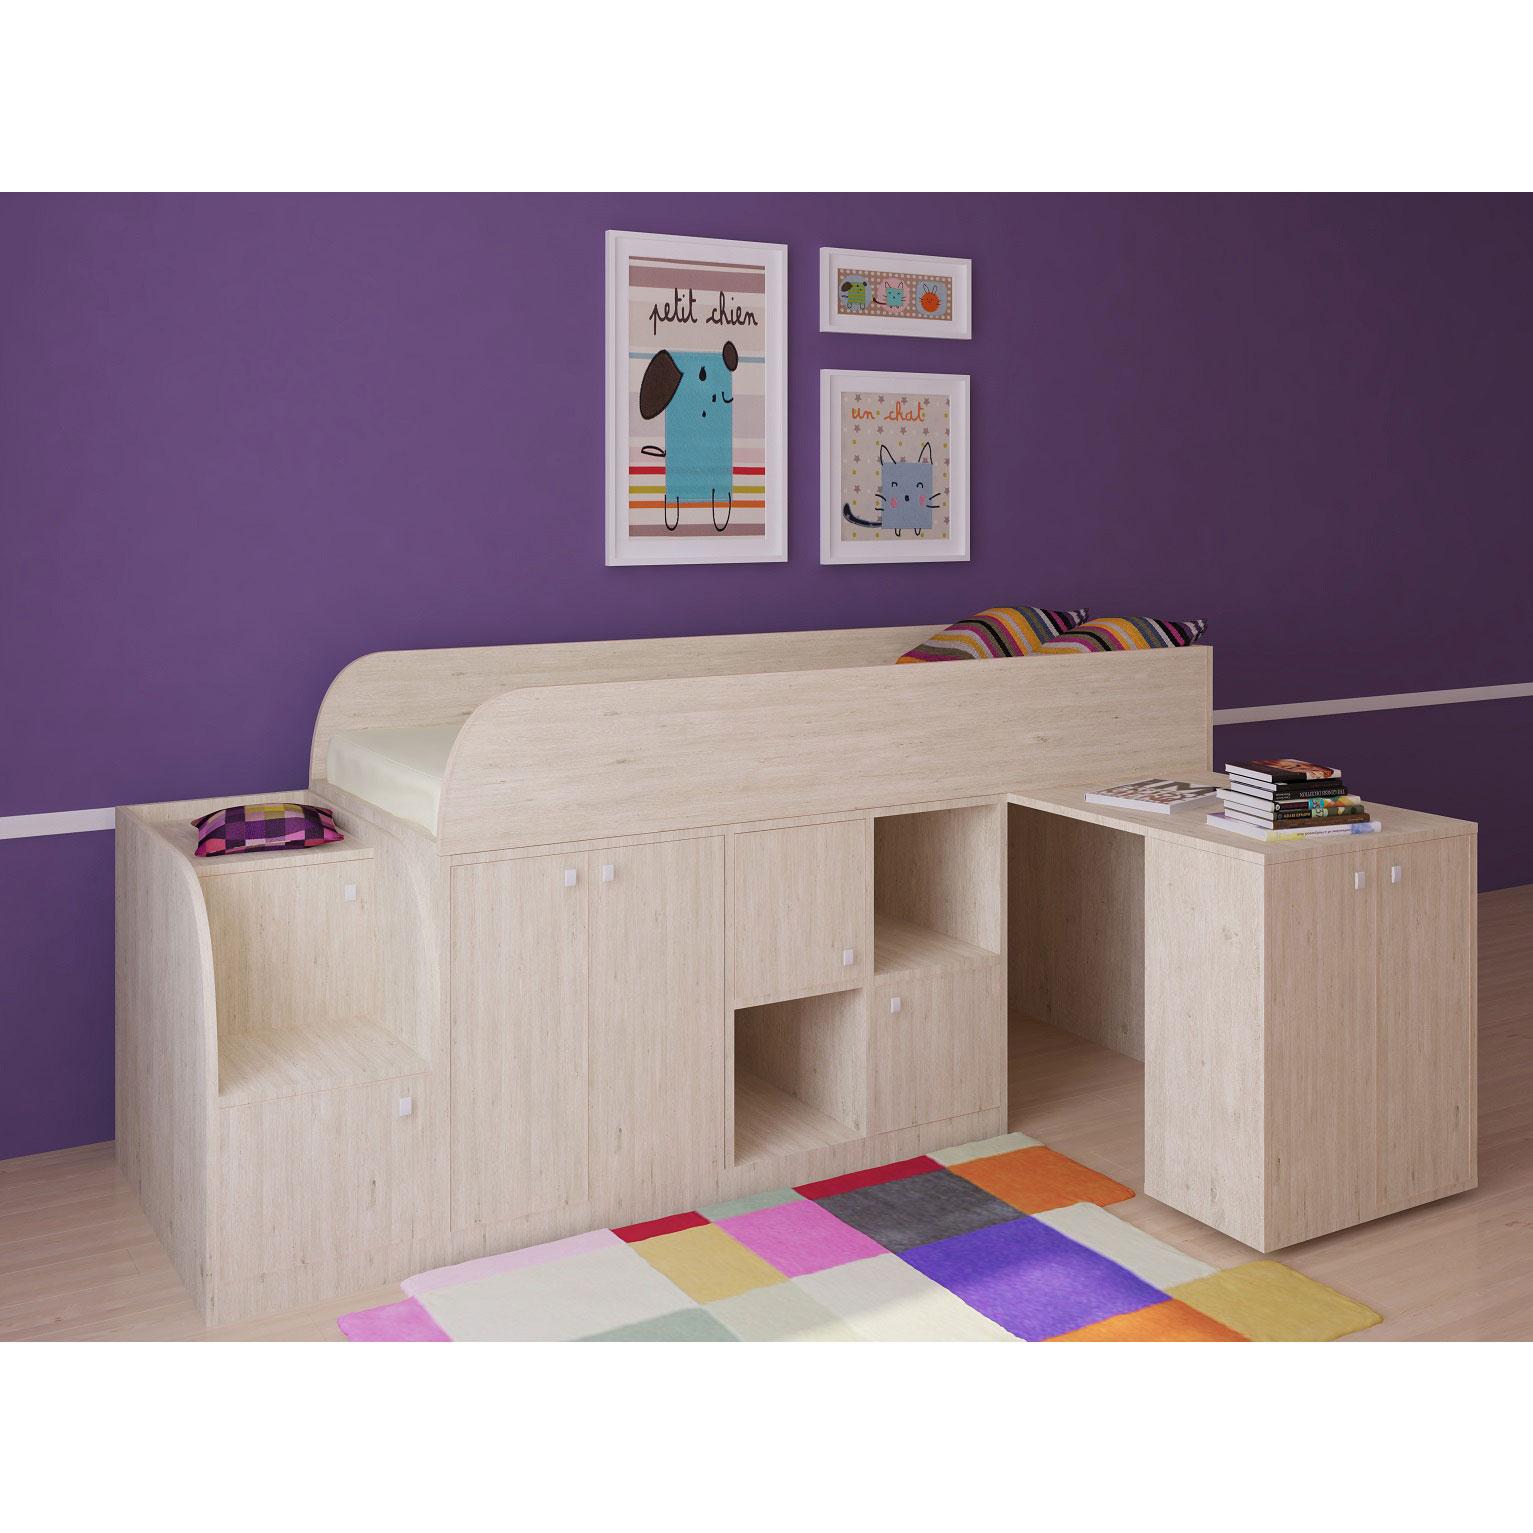 Набор мебели РВ-Мебель Астра мини Дуб молочный